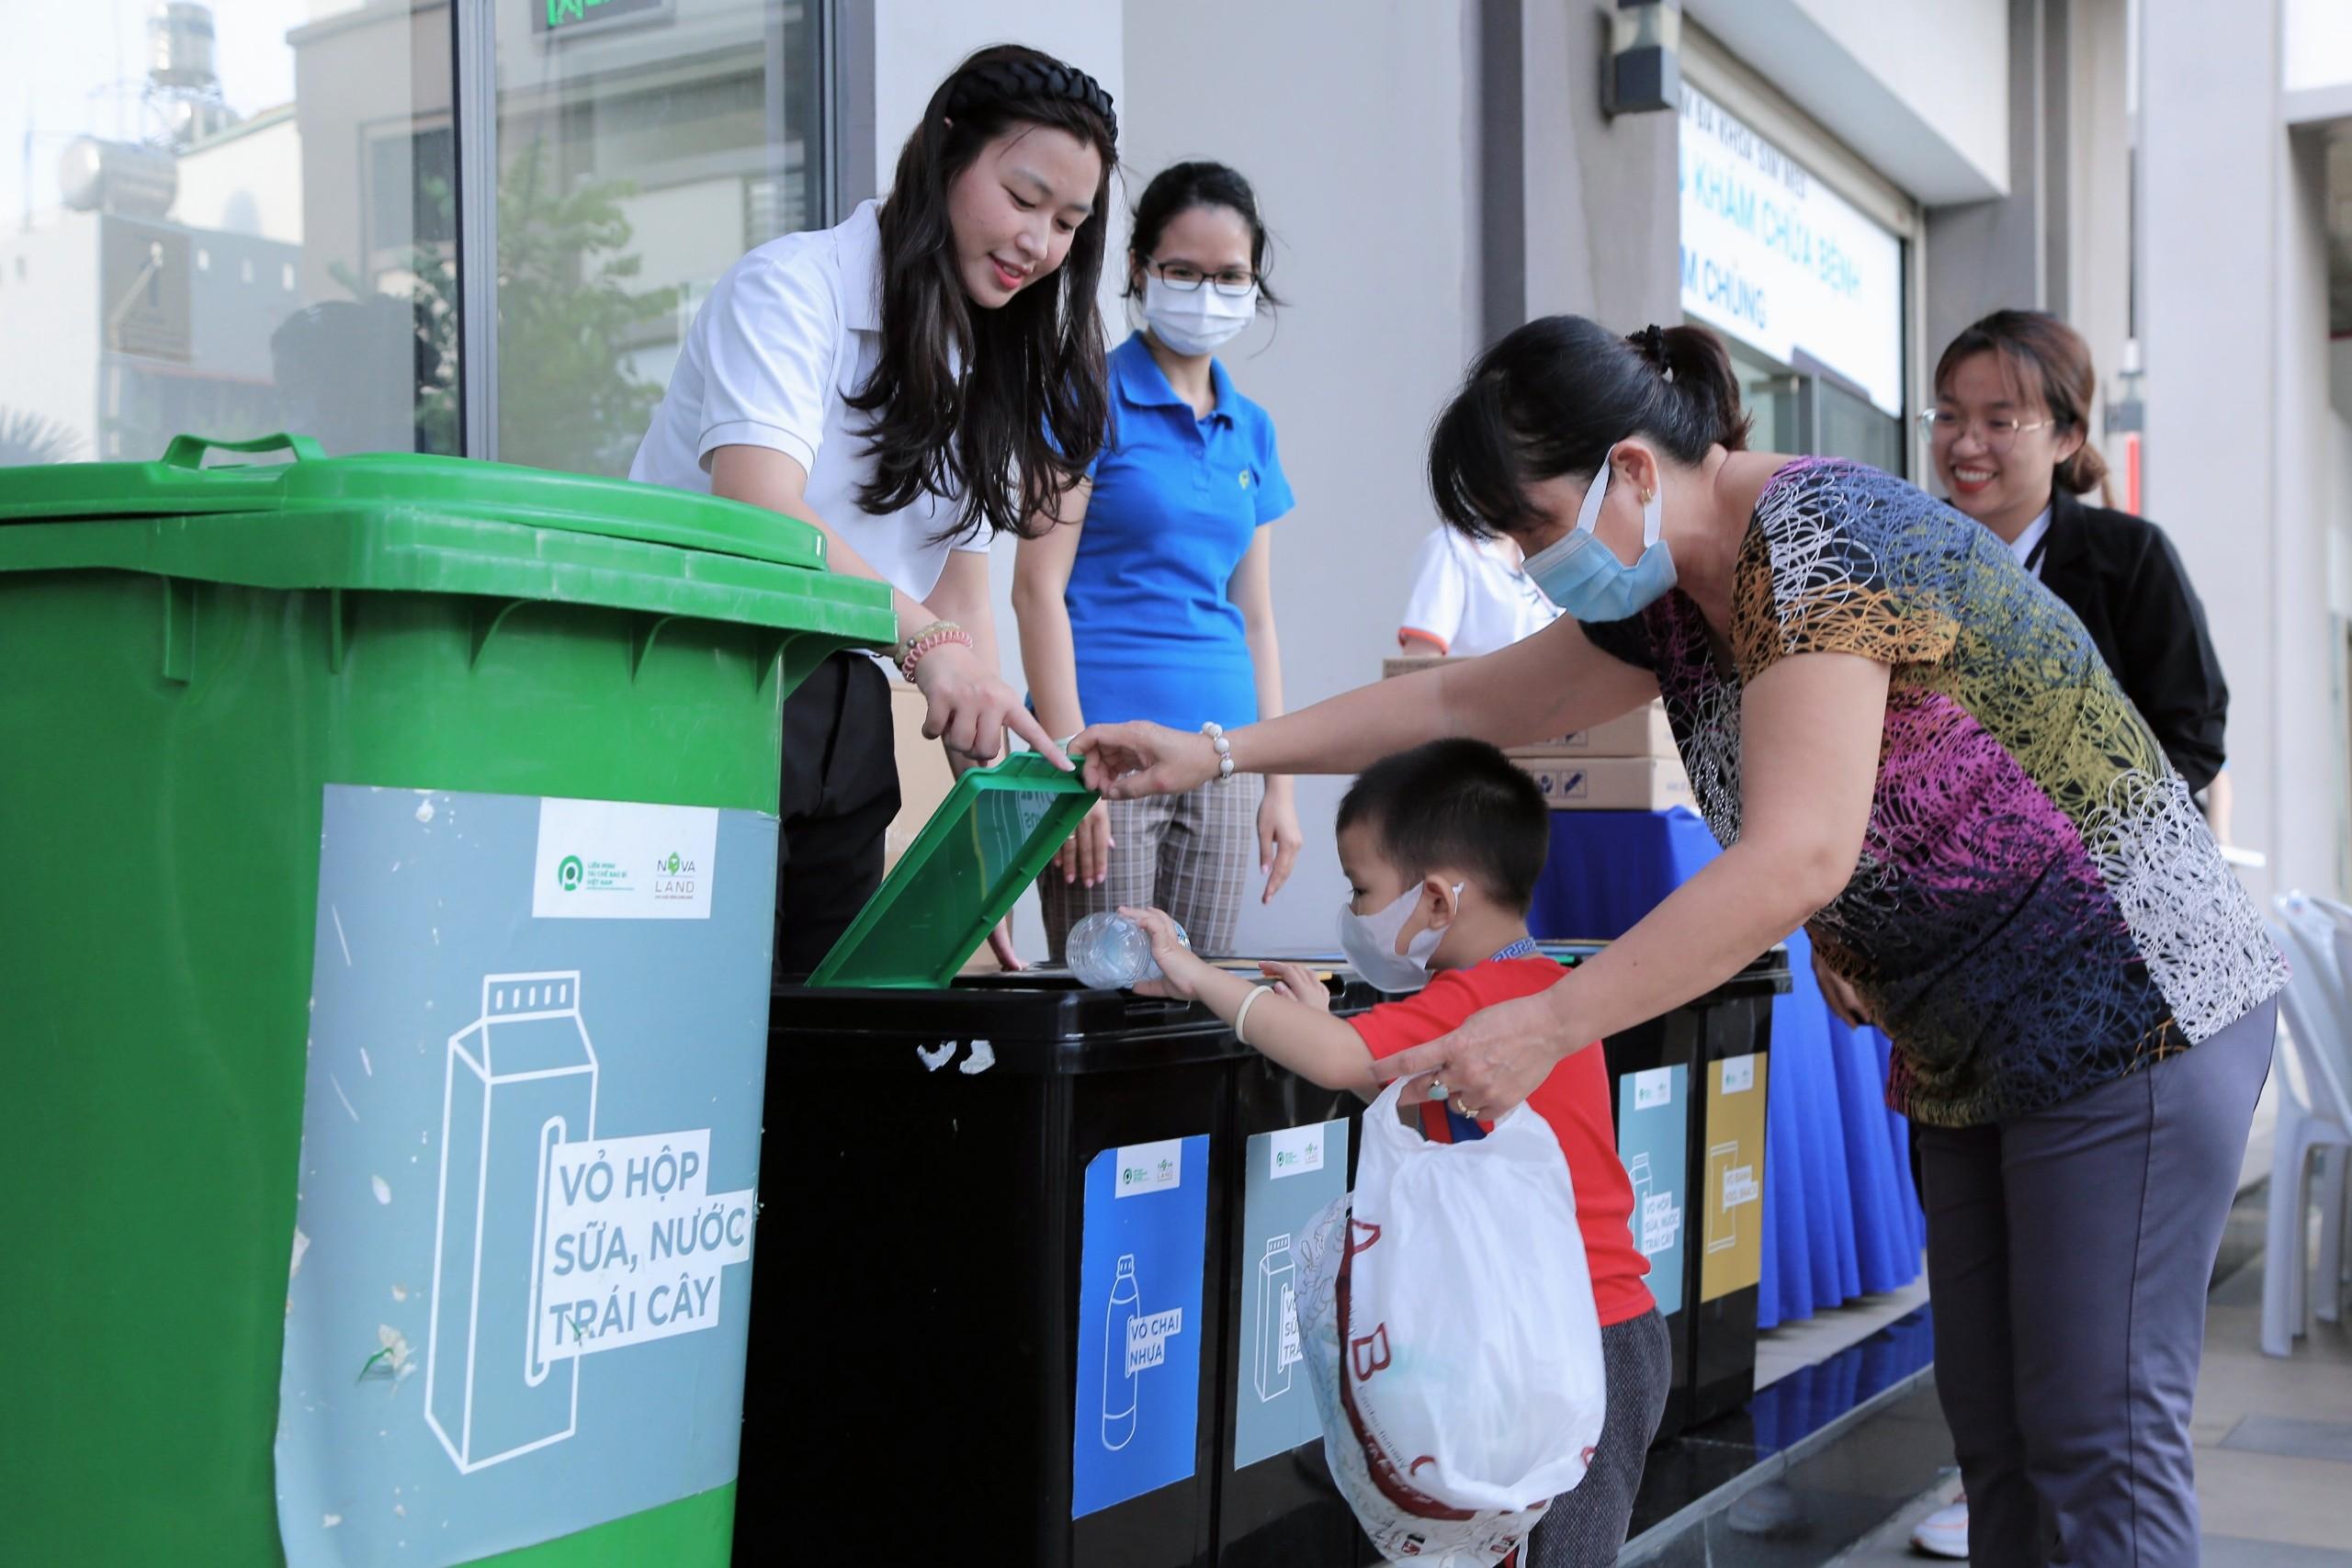 Nghệ An: Tăng cường kết nối để thành một đầu mối logistics quan trọng của khu vực Bắc Trung bộ và cả nước